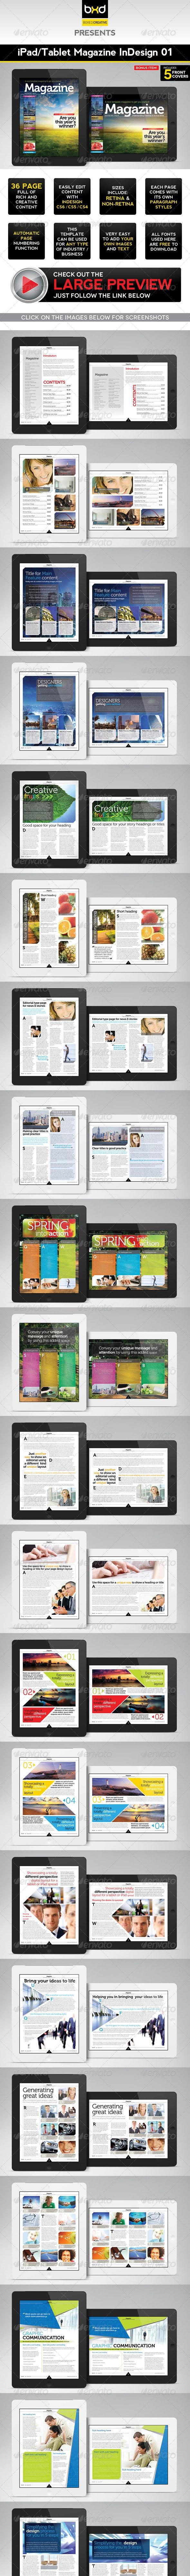 iPad/Tablet Magazine InDesign Layout 01 - Digital Magazines ePublishing